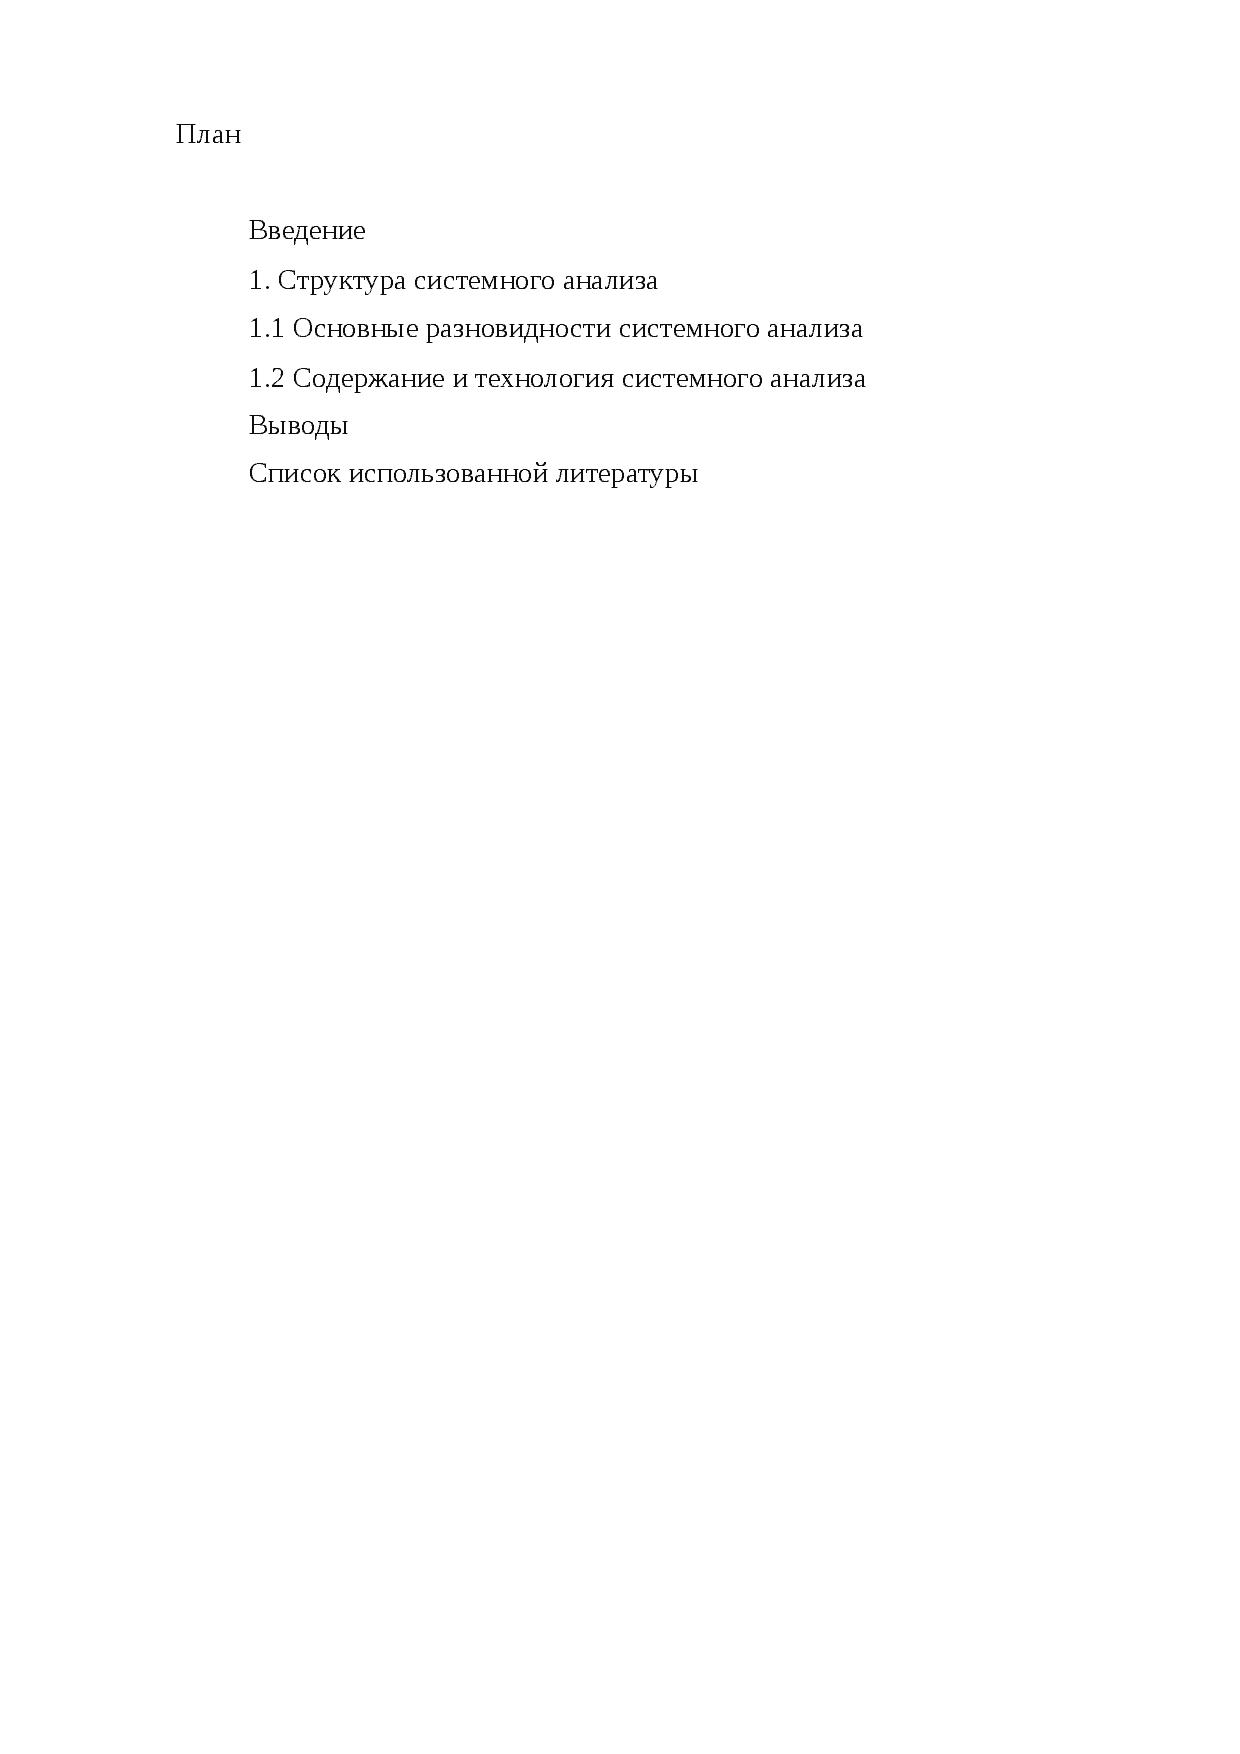 Понятие системы